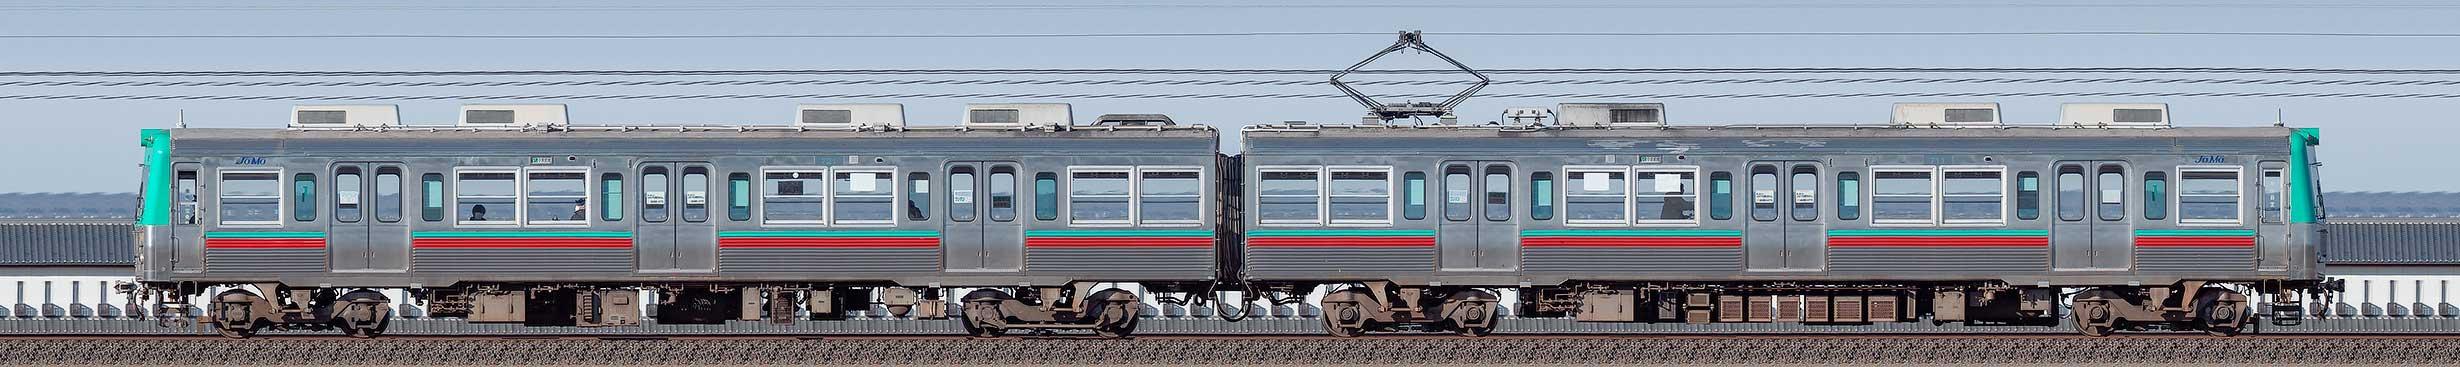 上毛電鉄700型第1編成(海側)の編成サイドビュー